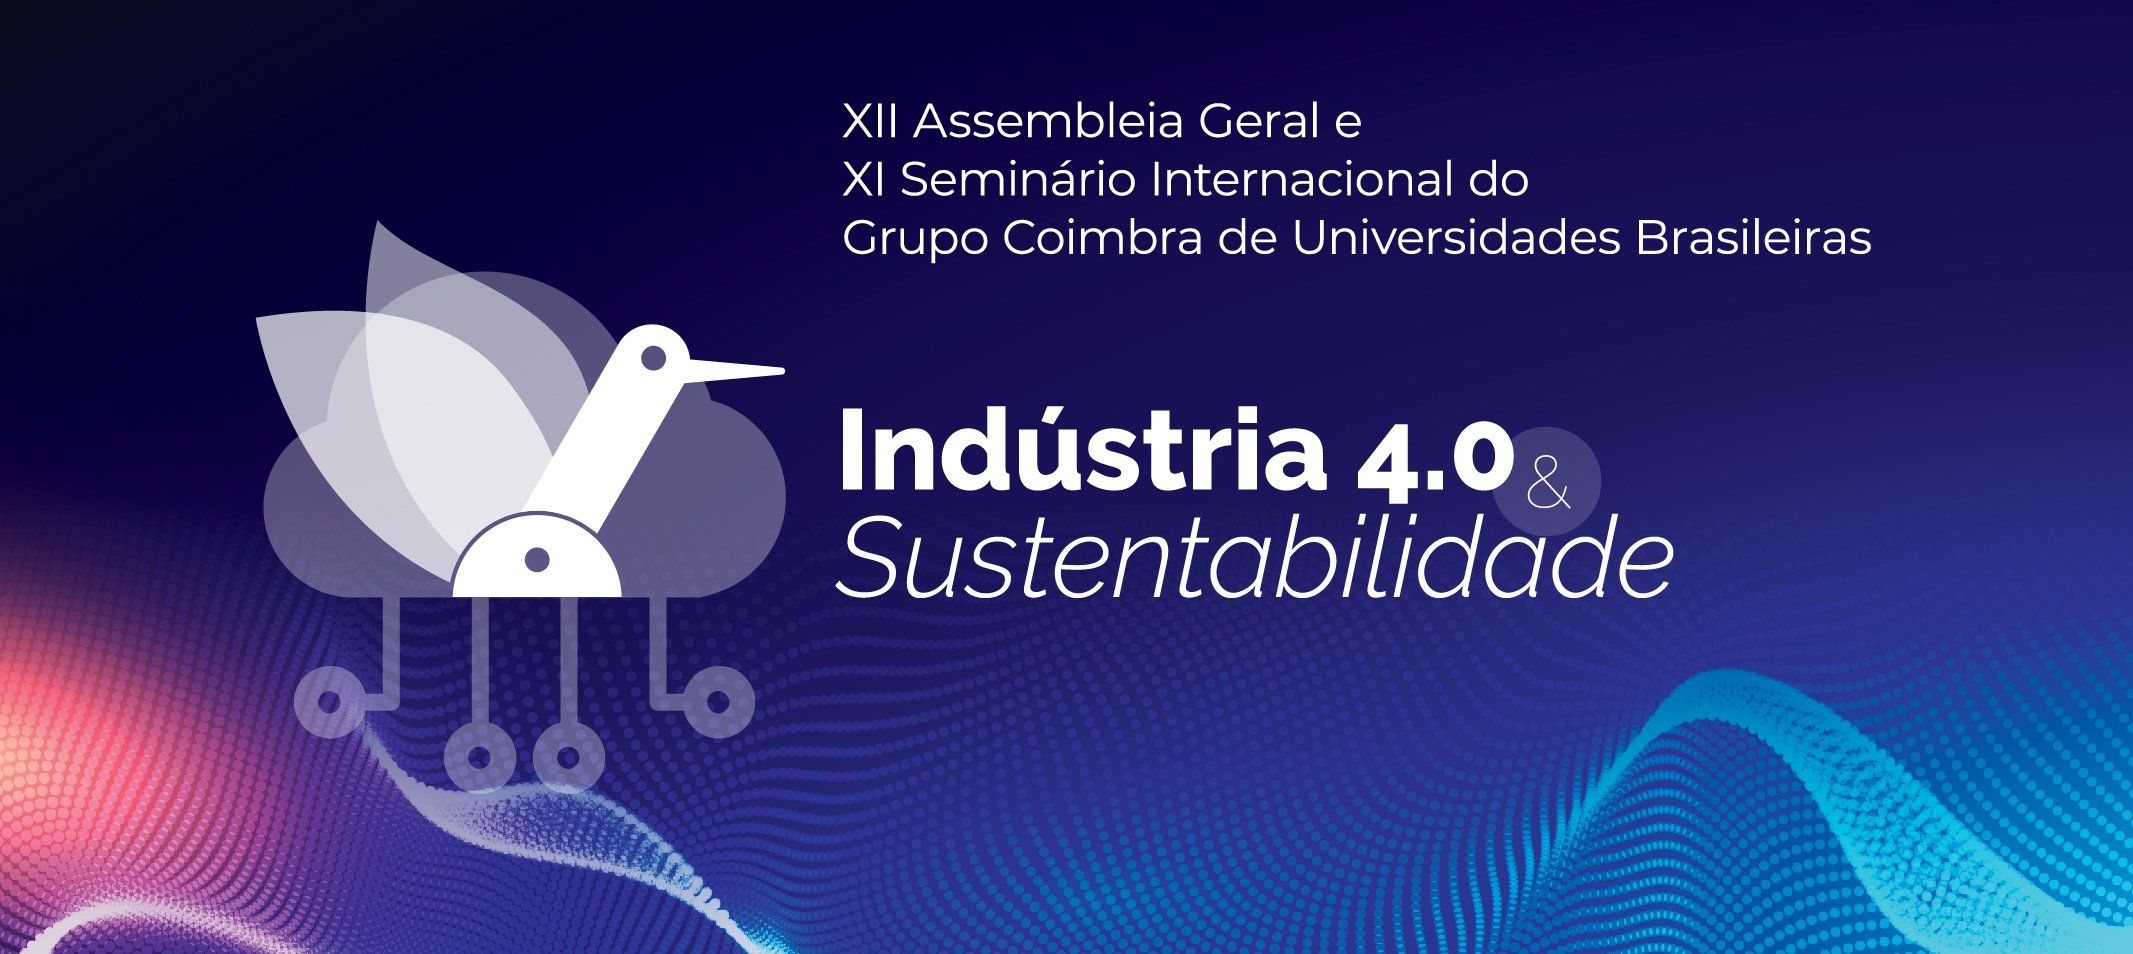 Ufam sedia eventos do CGUB entre os dias 28 e 31 de outubro